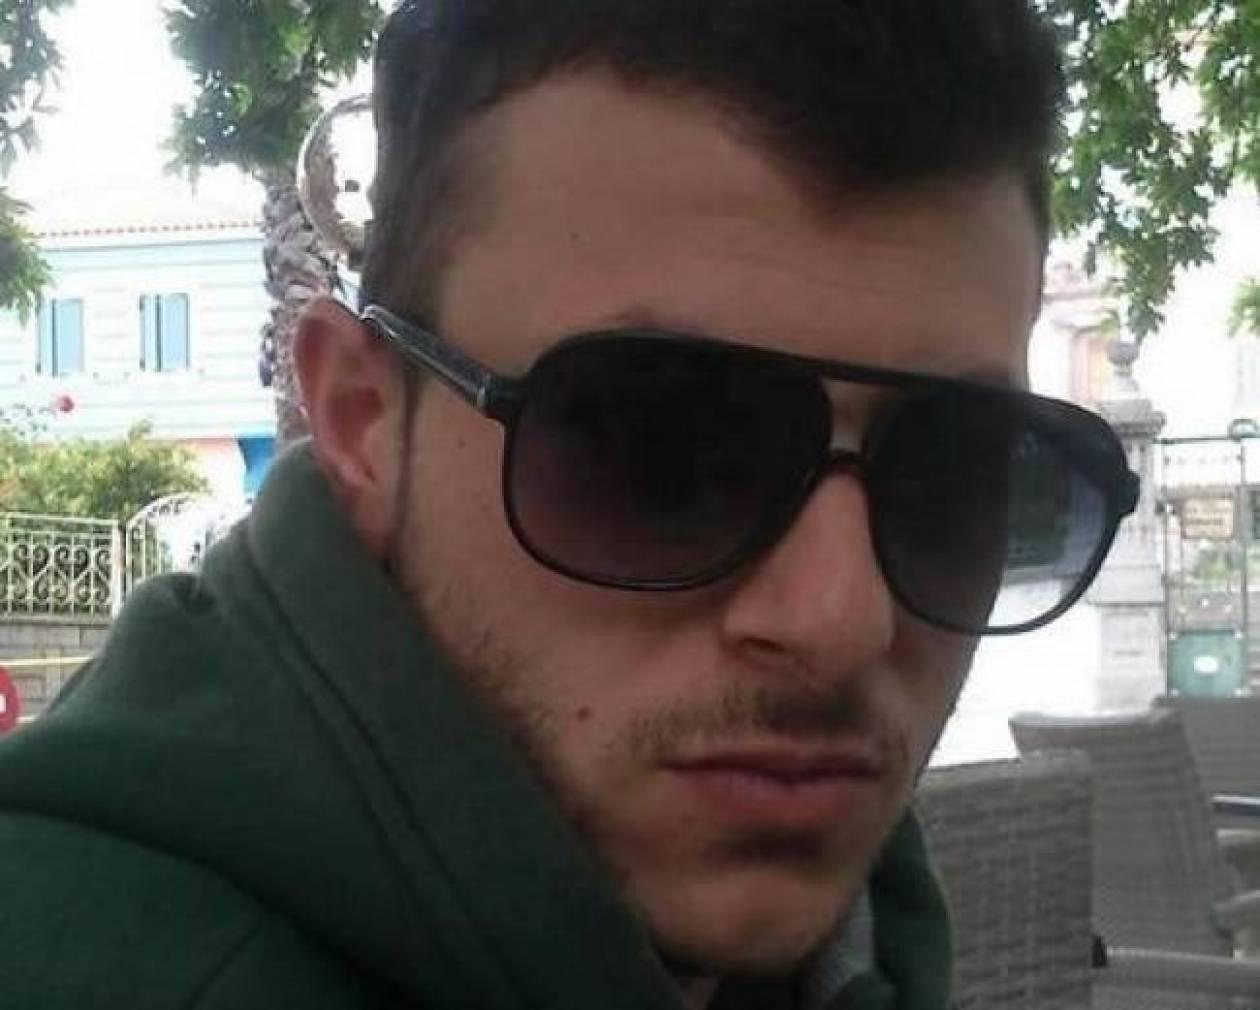 Σέρρες  Βρέθηκε ο 24χρονος φοιτητής του ΤΕΙ που αγνοείτο ... 7cbe3d5bf19